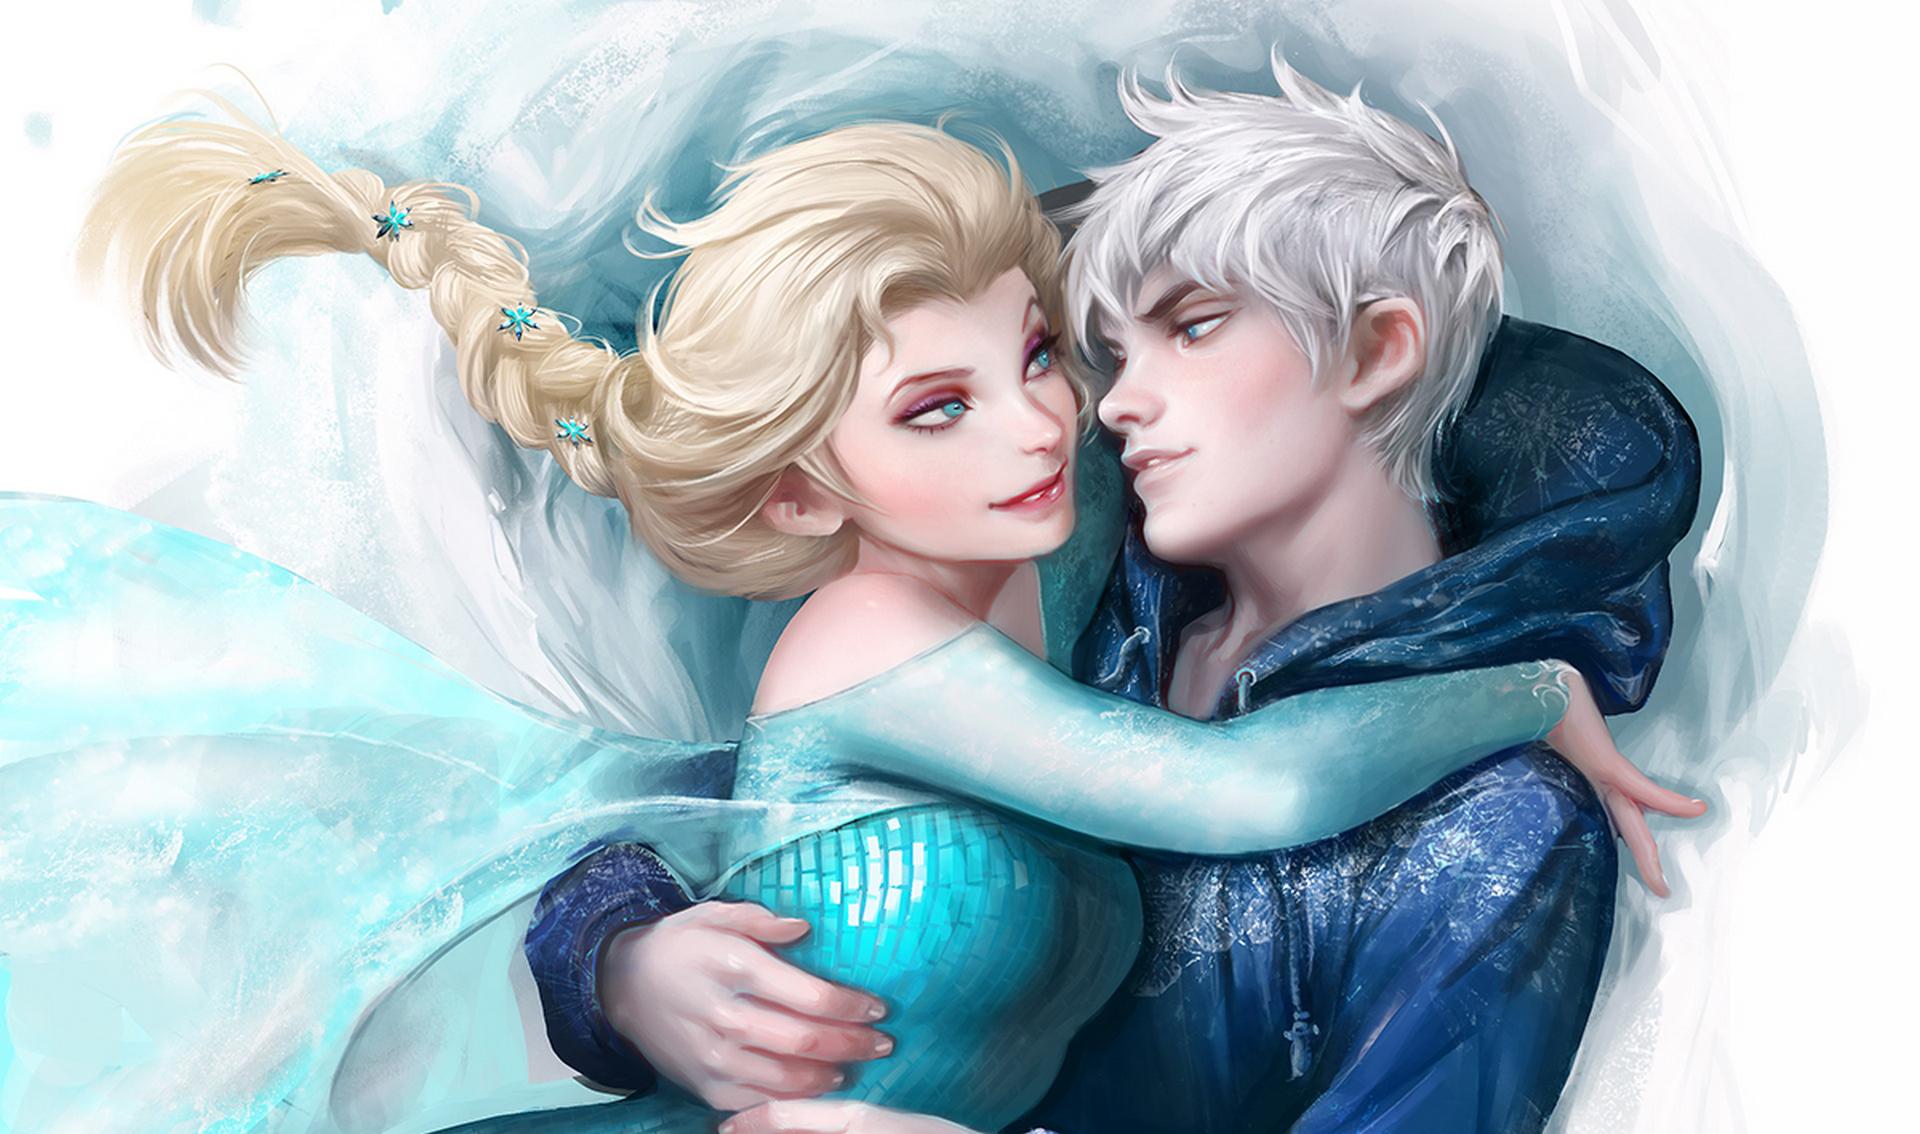 Wallpaper  Illustration, Anime, Angel, Elsa, Rise Of The -5832